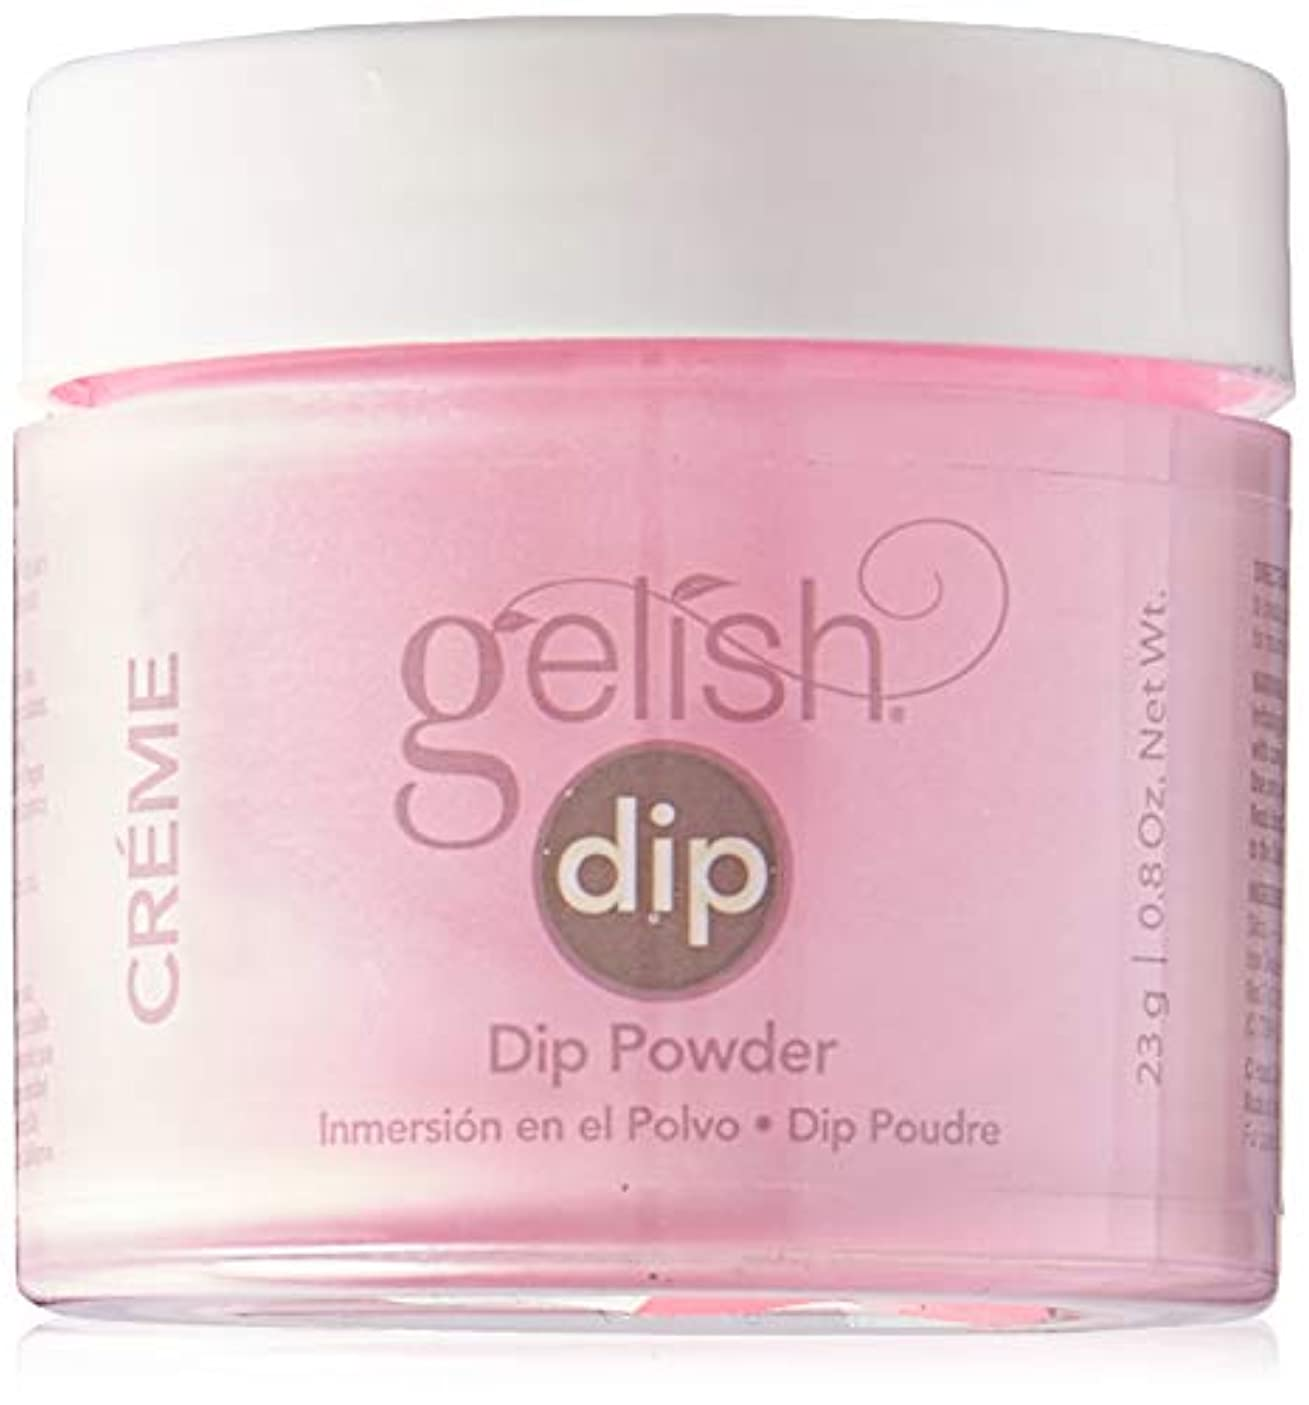 にじみ出る重要な役割を果たす、中心的な手段となる楕円形Harmony Gelish - Acrylic Dip Powder - Look At You, Pink-achu! - 23g / 0.8oz